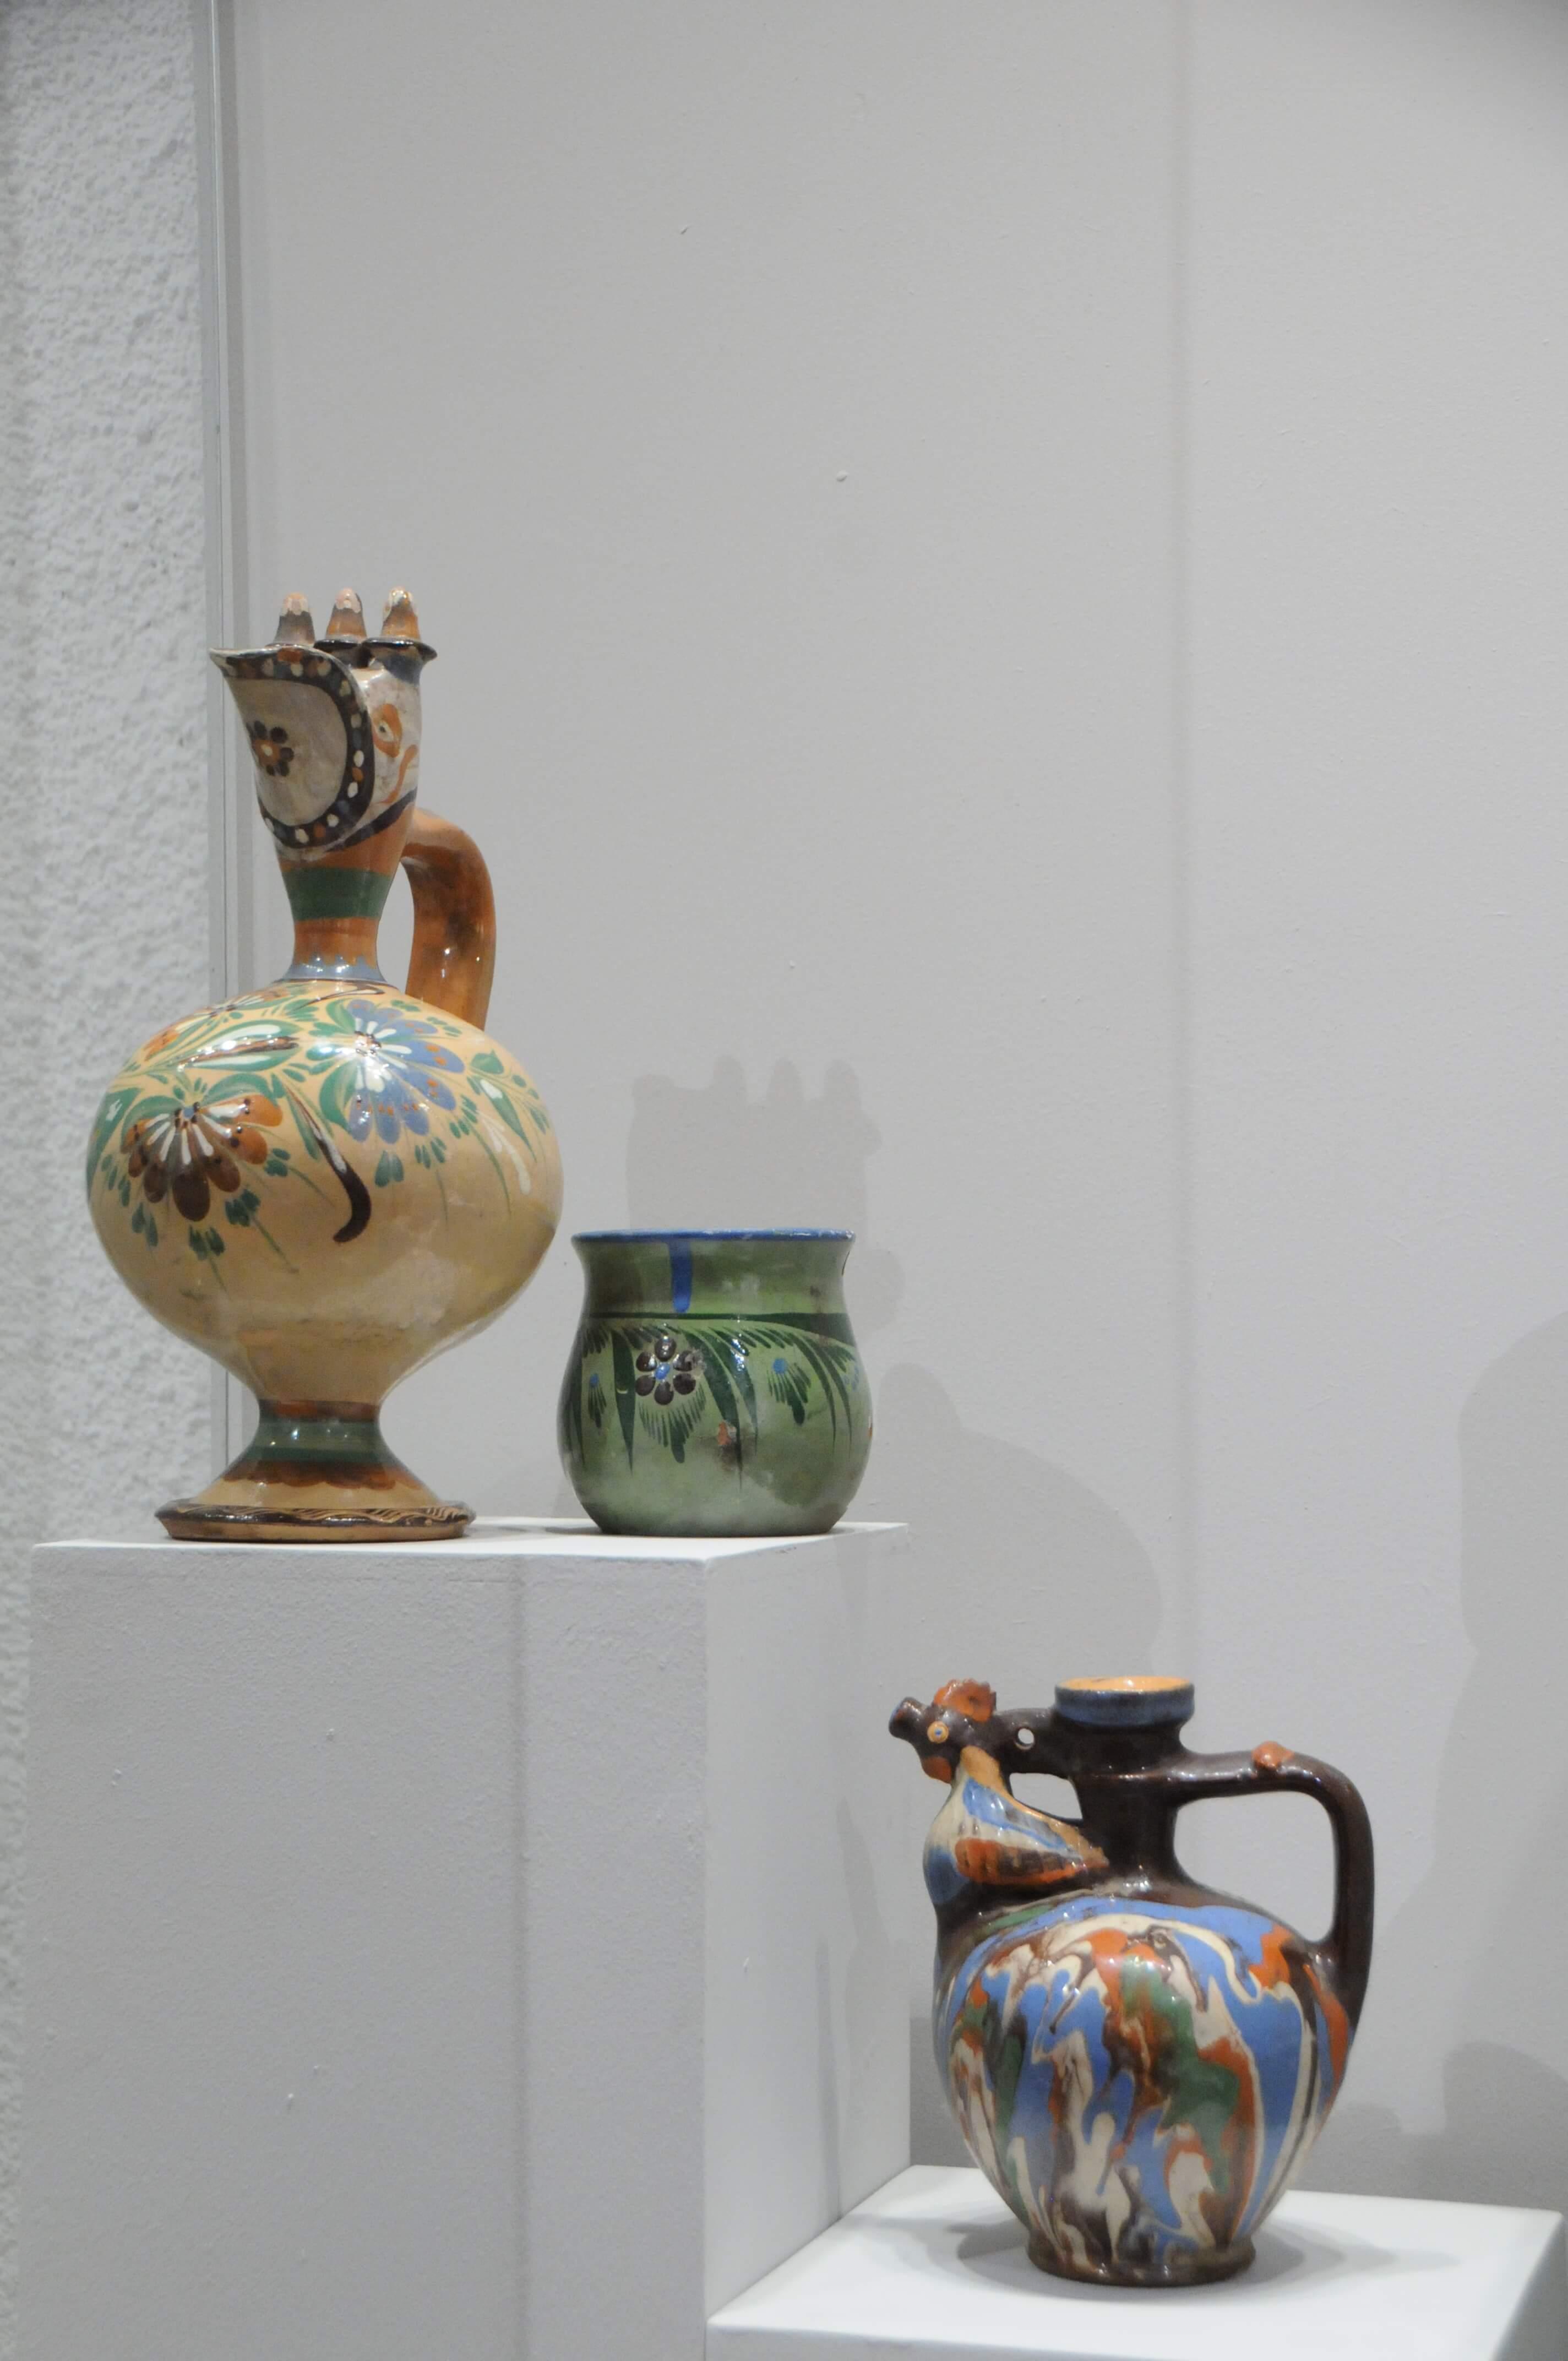 bogatstvoto-na-troyanskata-keramika (12)